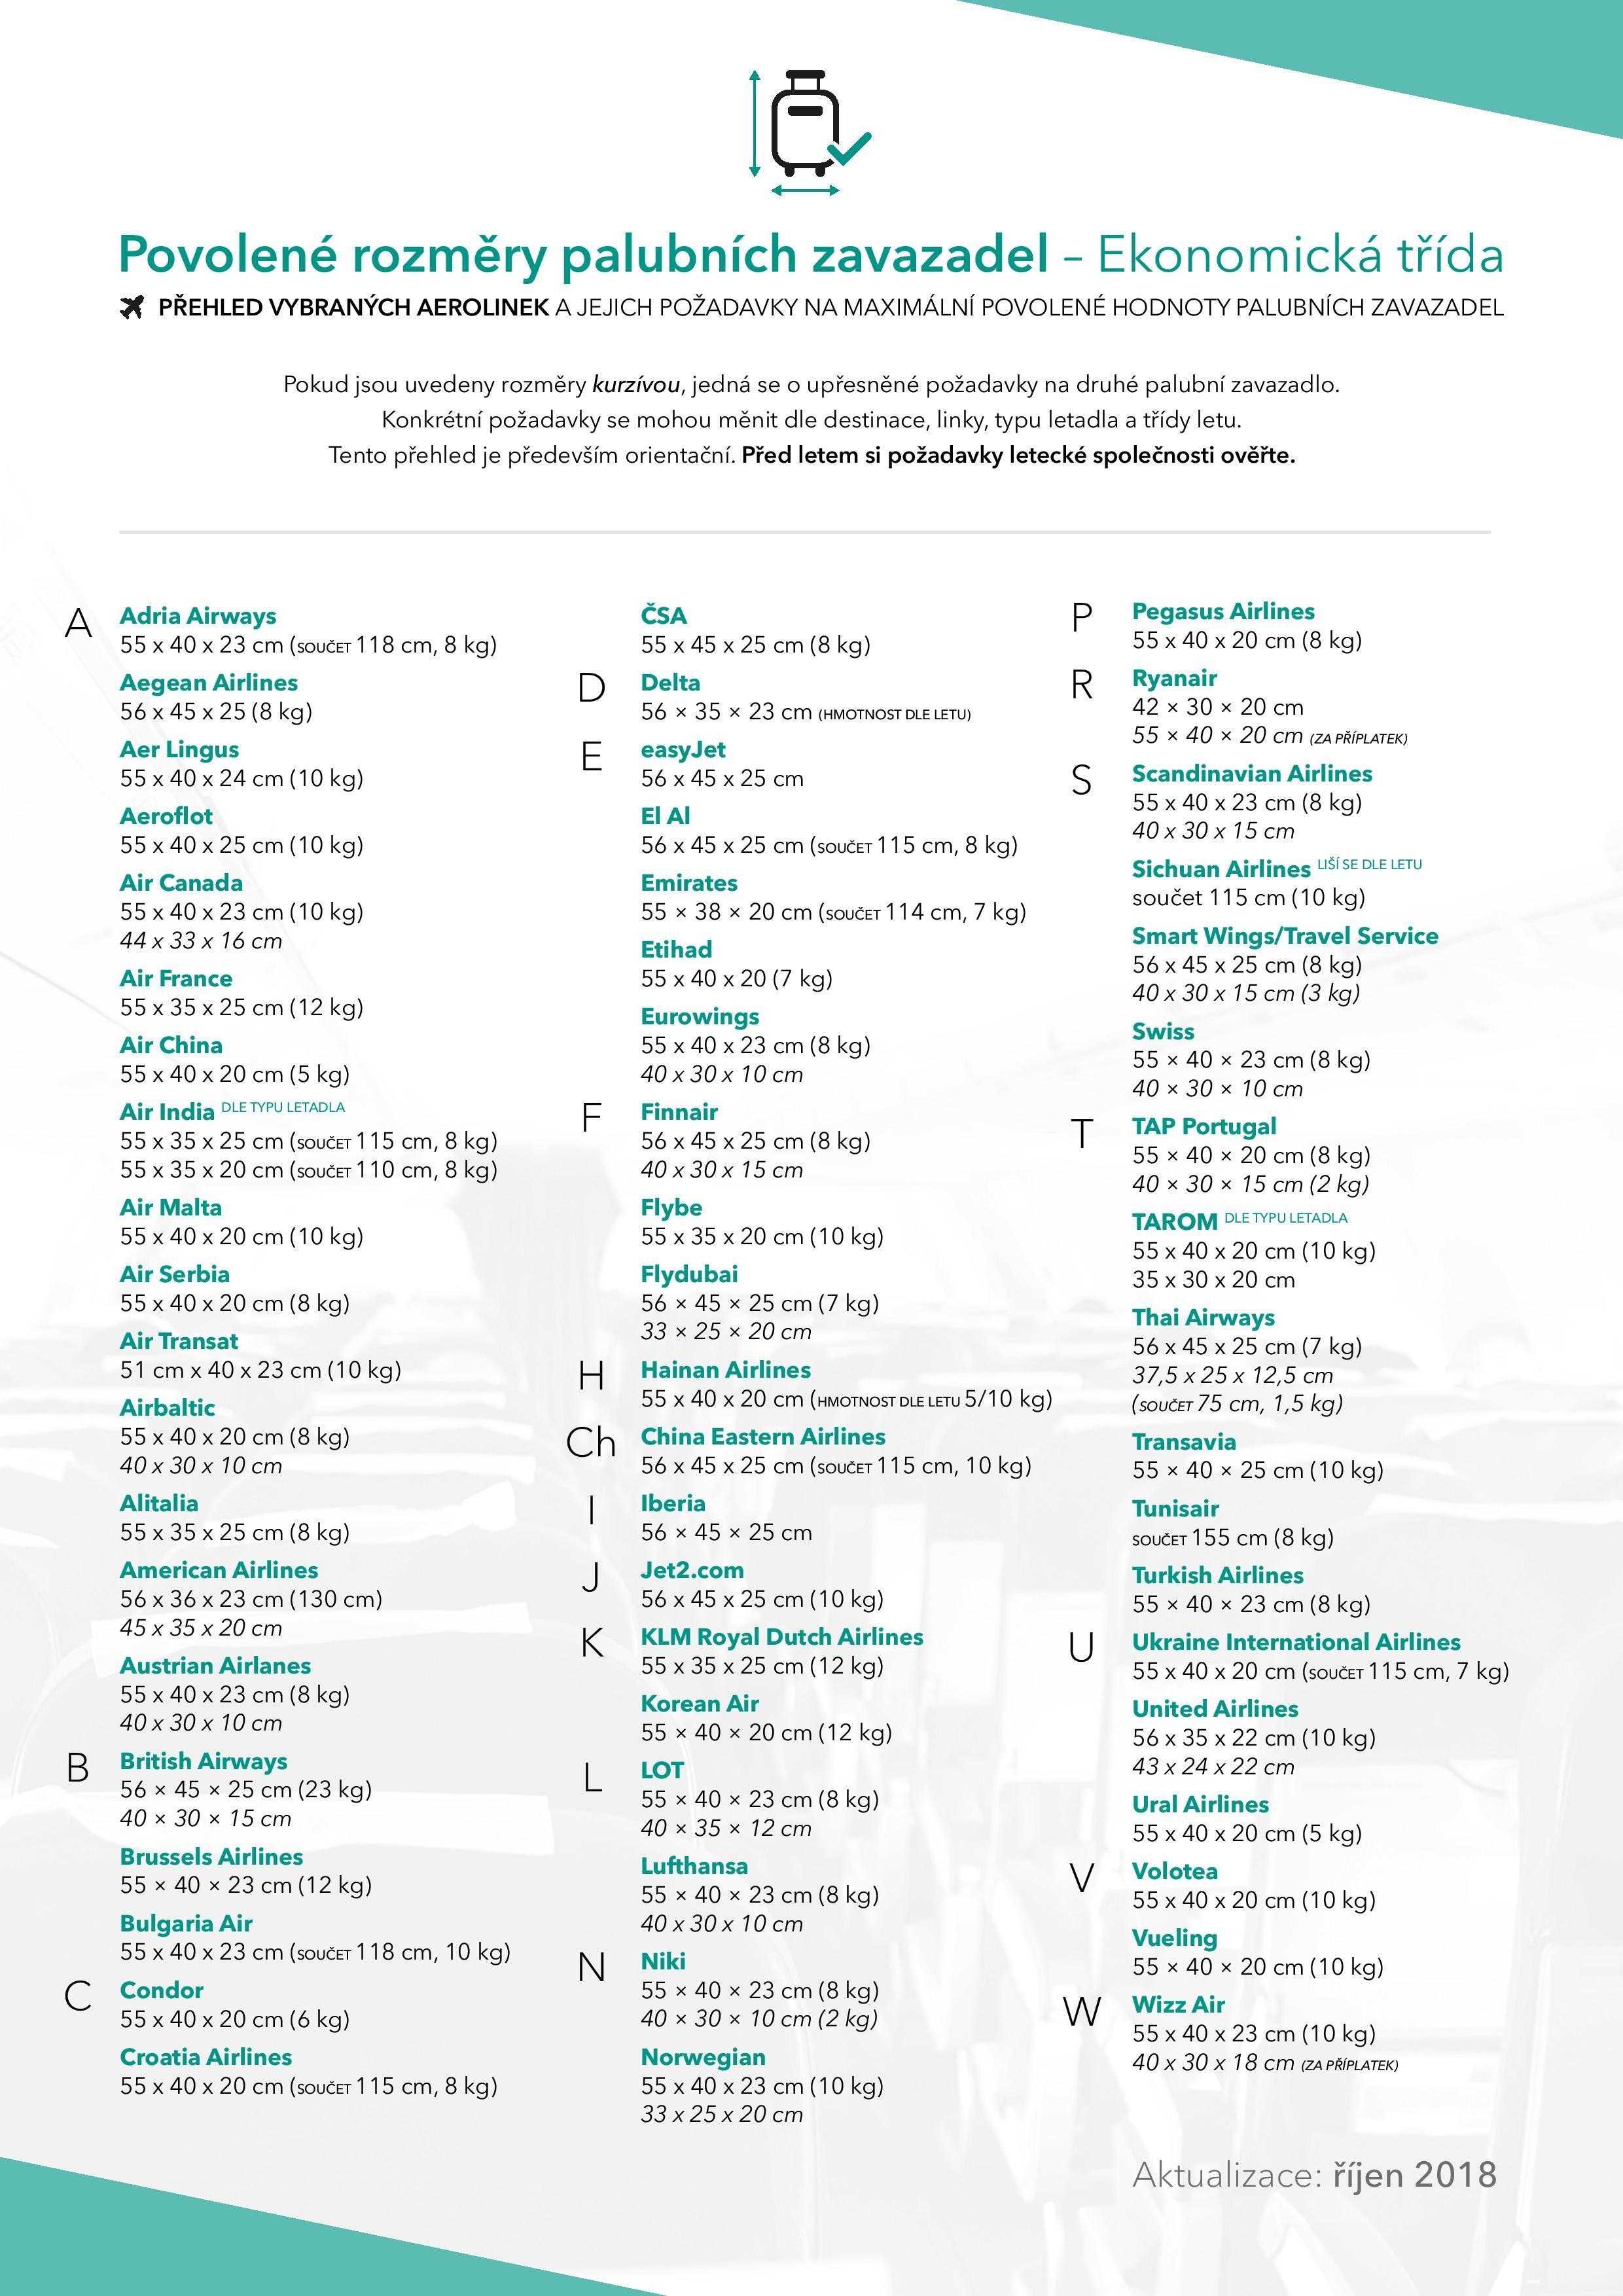 Povolené rozměry palubního zavazadla 2018